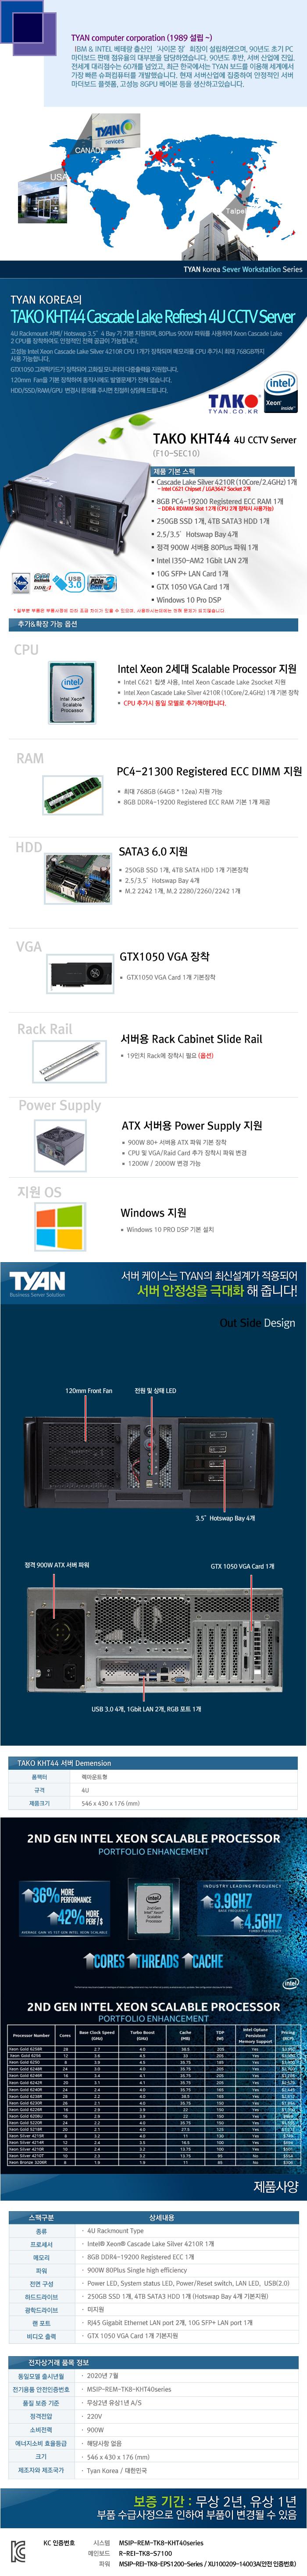 TYAN TAKO-KHT44-(F10-SEC10)-CCTV Server (8GB, SSD 250GB + 4TB)